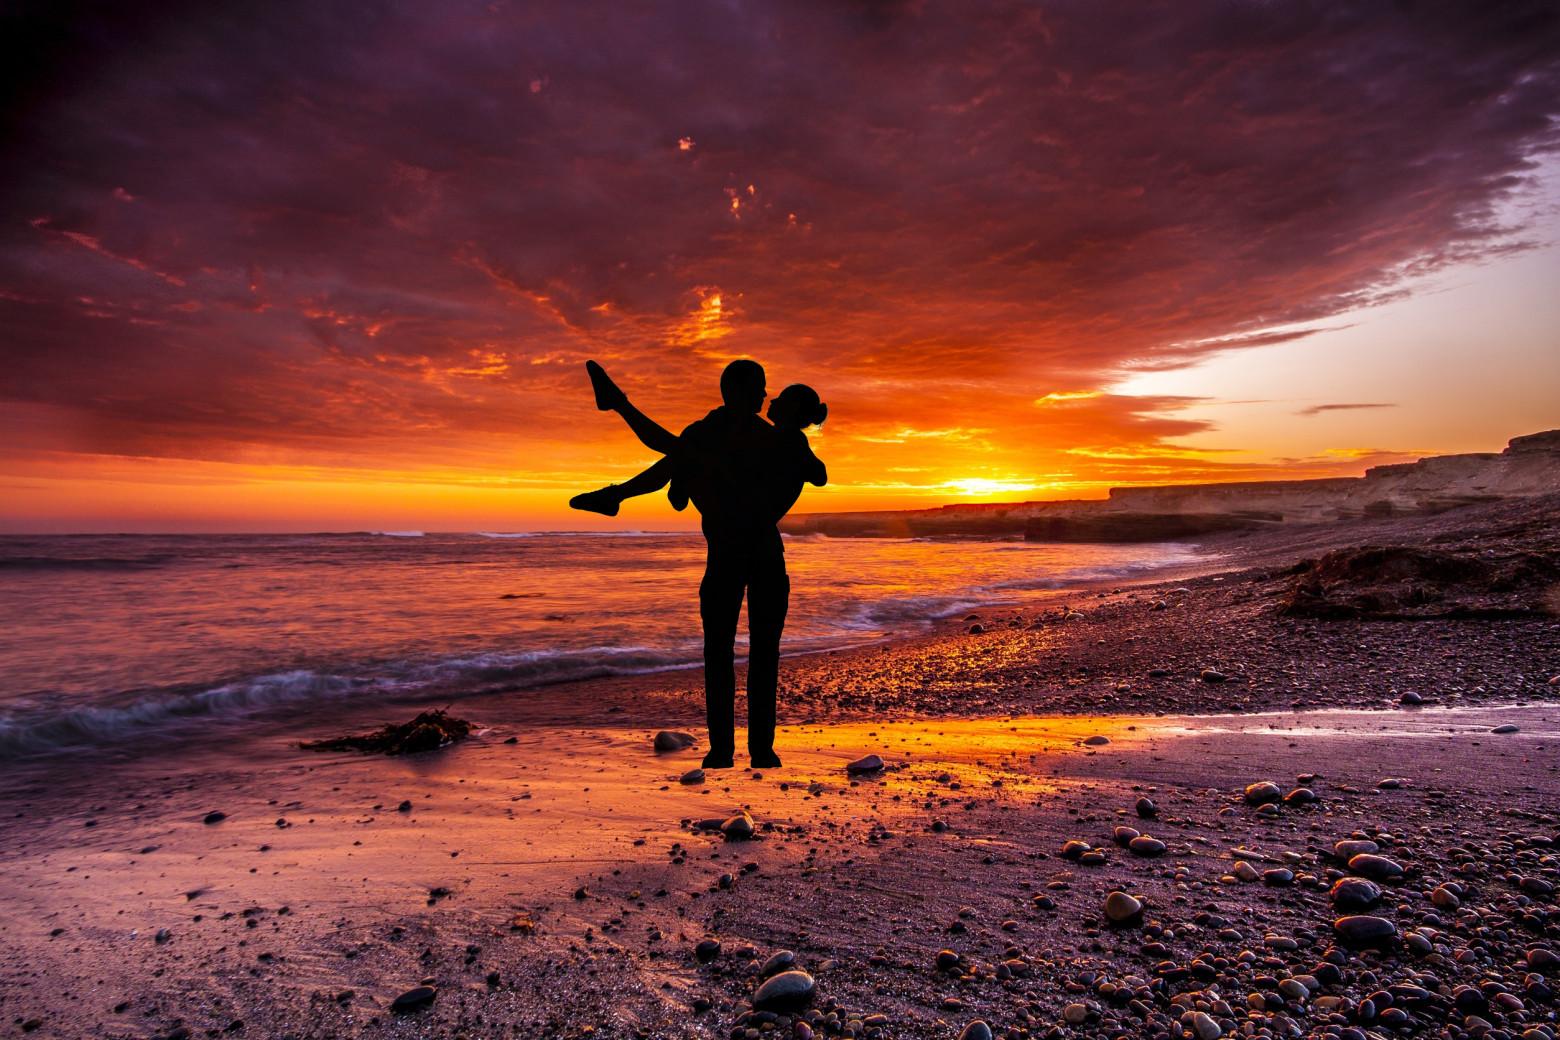 Couple amour amoureux romantique images gratuites images - Image d amour gratuite ...